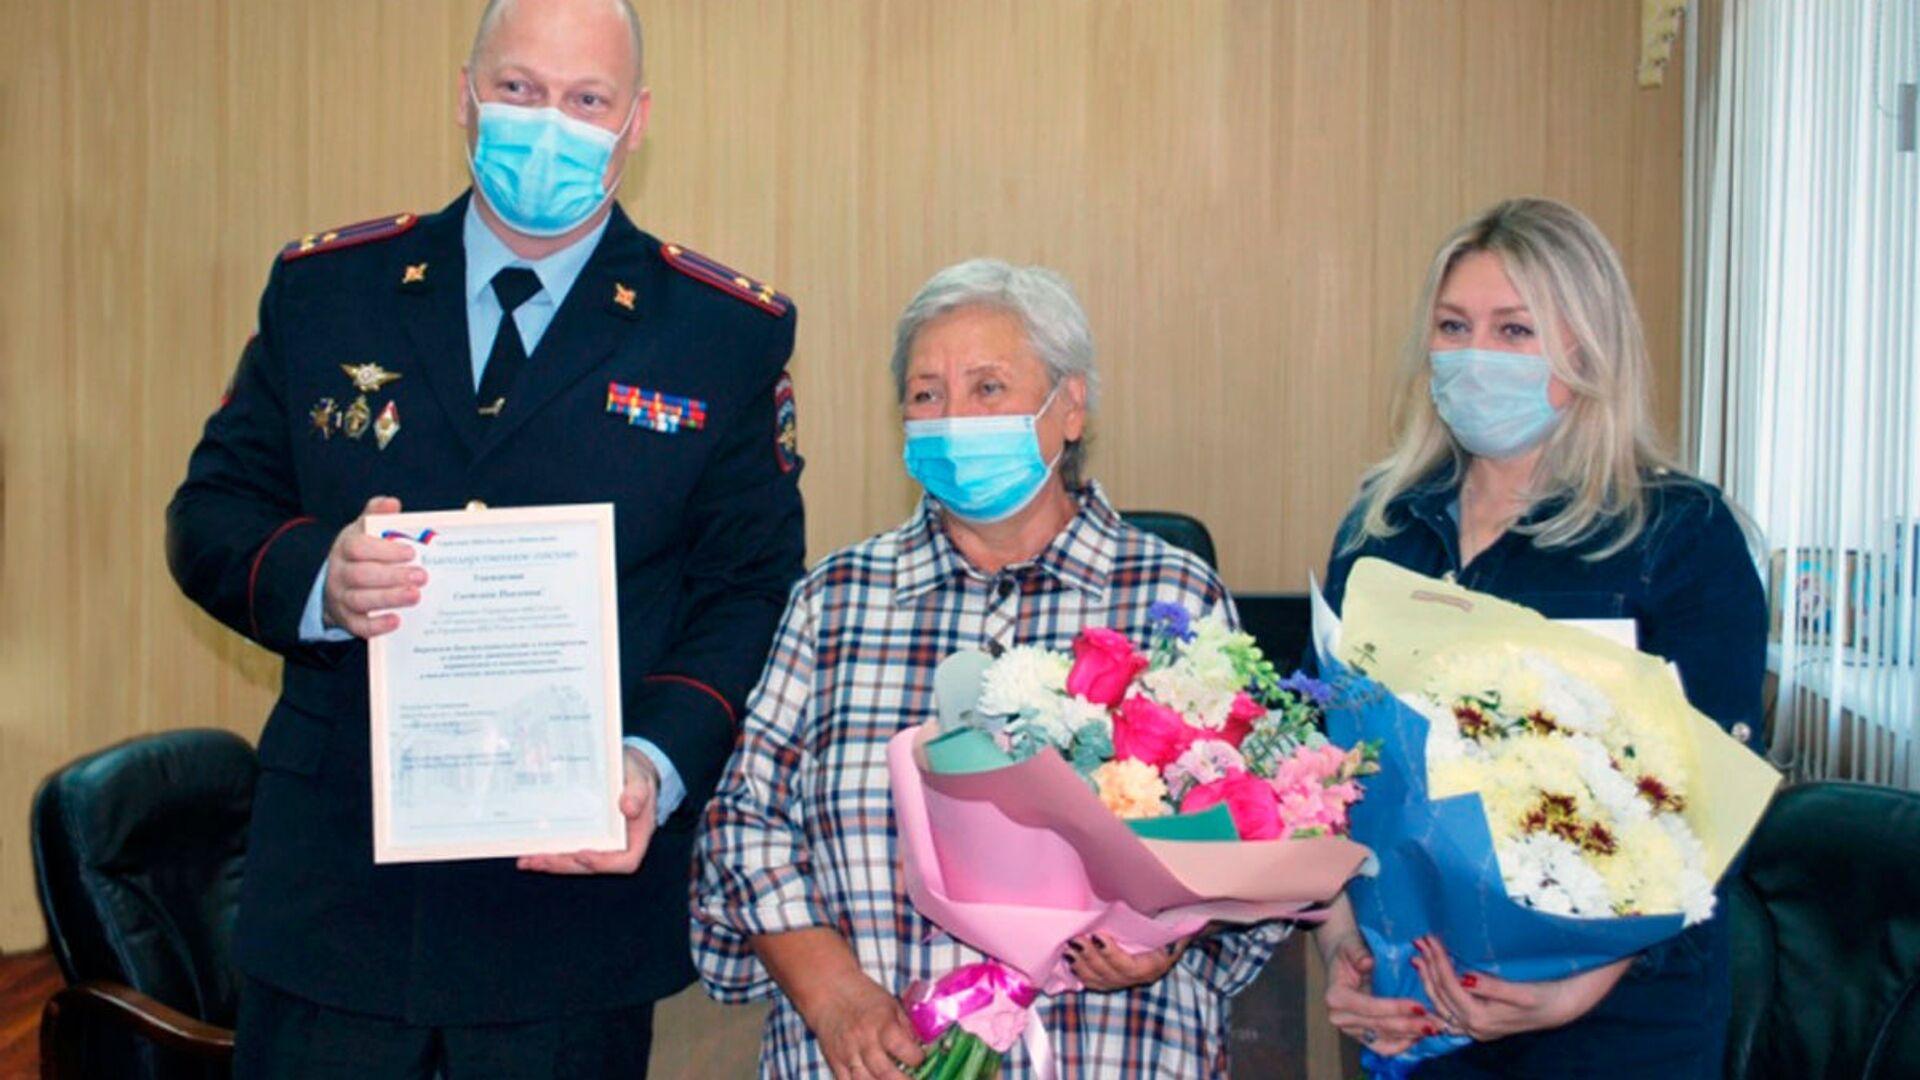 Nagroda dla Swietłany Sanarowej z Nowokuźniecka, która uratowała dziecko, które wypadło z okna - Sputnik Polska, 1920, 27.07.2021